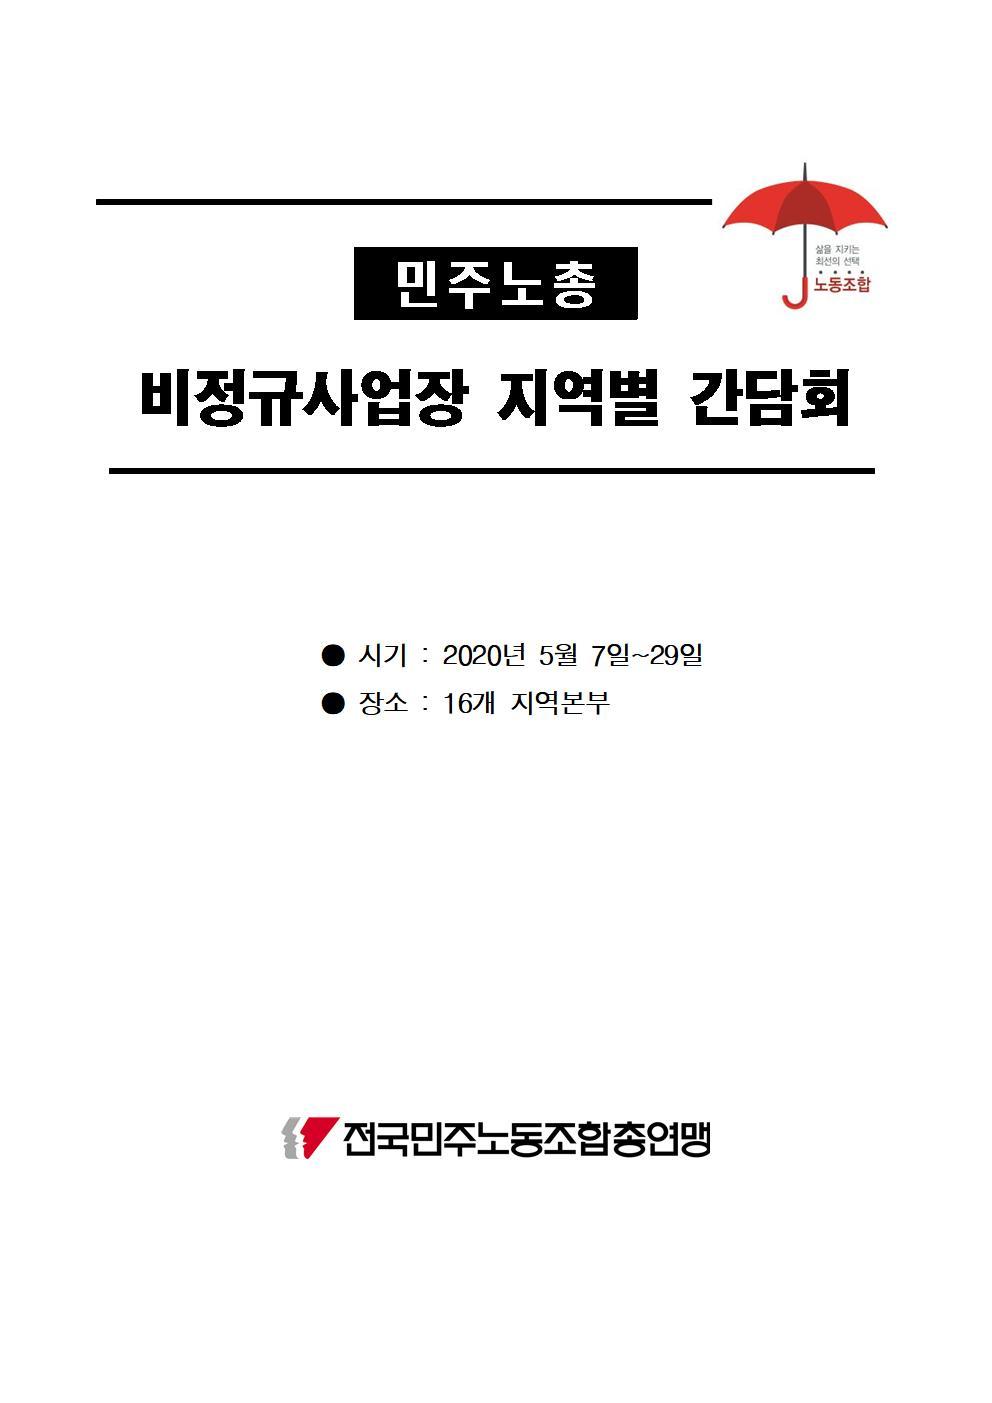 지역별간담회자료집001.jpg